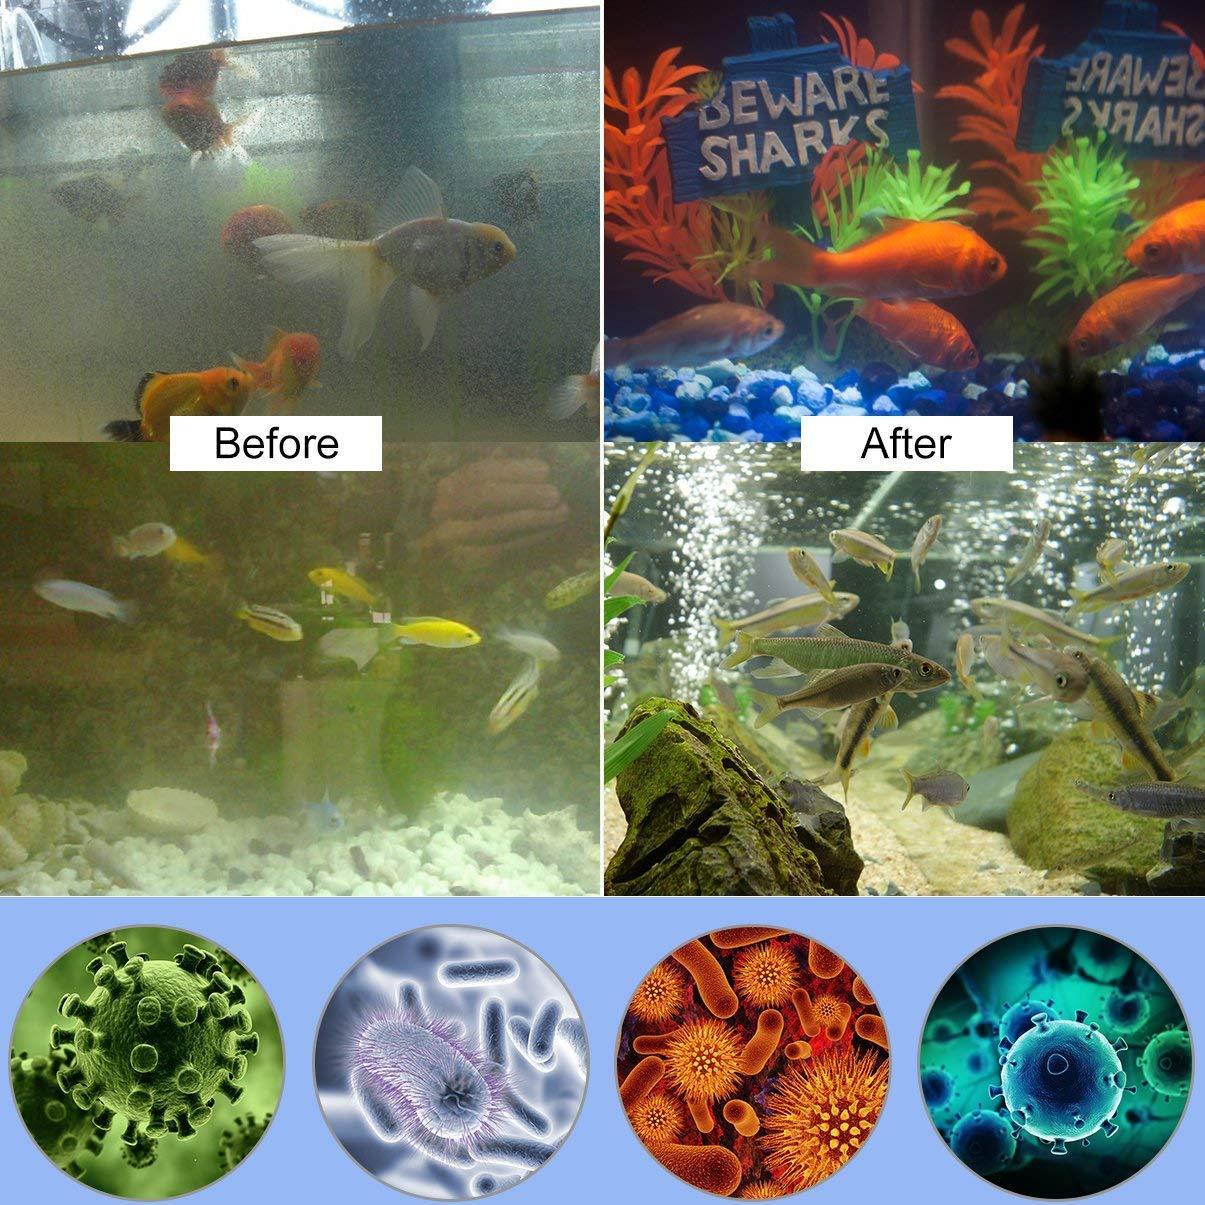 KOBWA 7W//11W UV-Aquarium-Sterilisator UV-Licht Tauch Wasserdichtes Gr/ün Algen Bakterien T/ötung Licht f/ür die Reinigung von Wasser-Aquarien Fischtanks